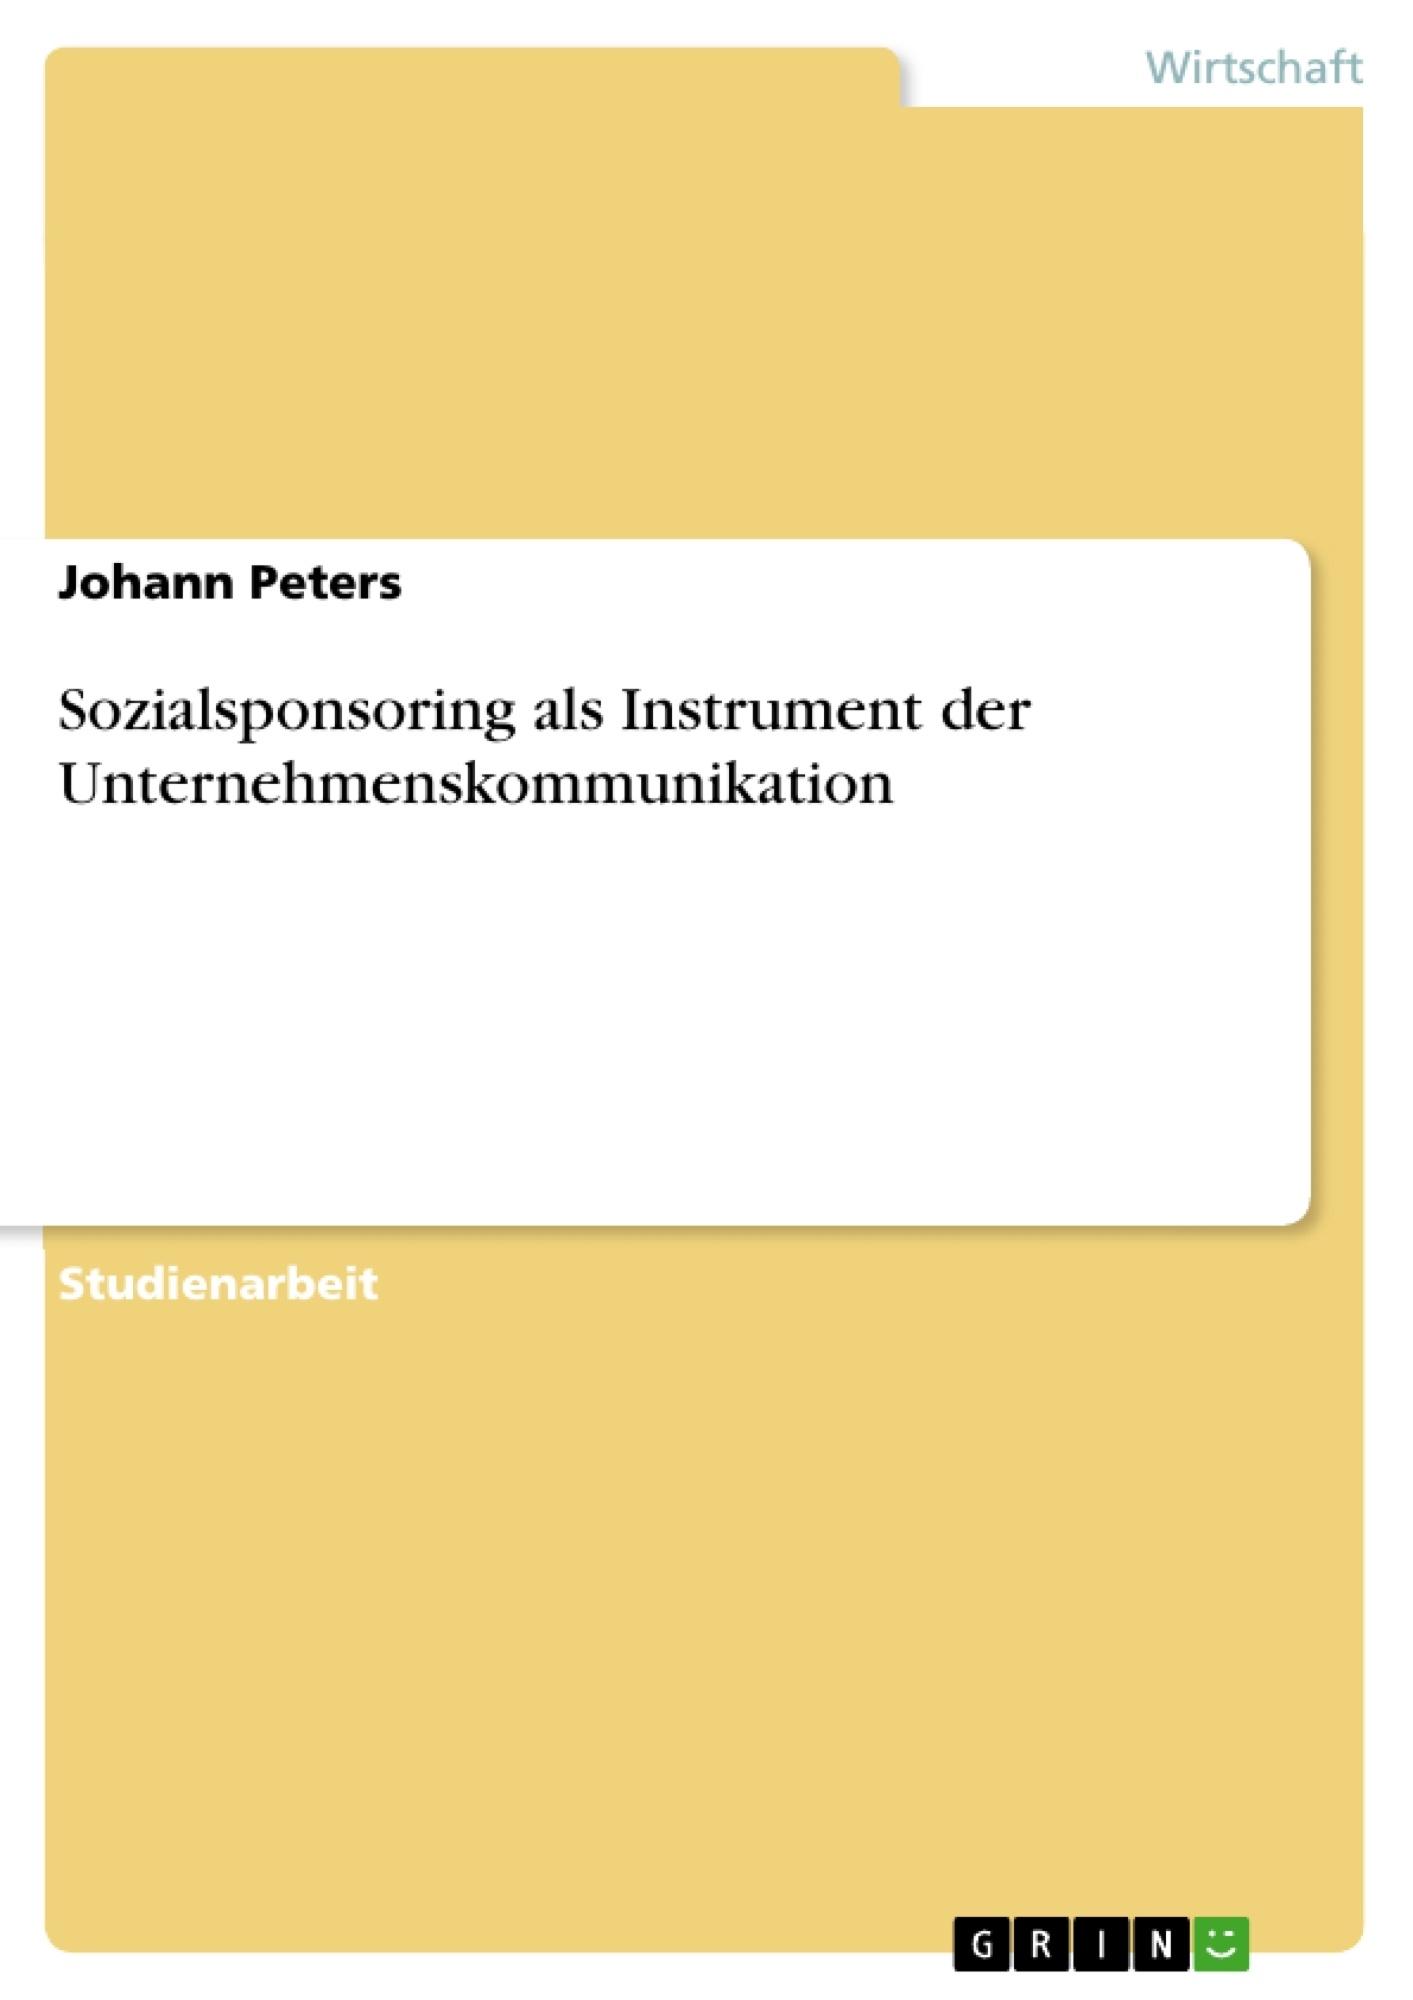 Titel: Sozialsponsoring als Instrument der Unternehmenskommunikation